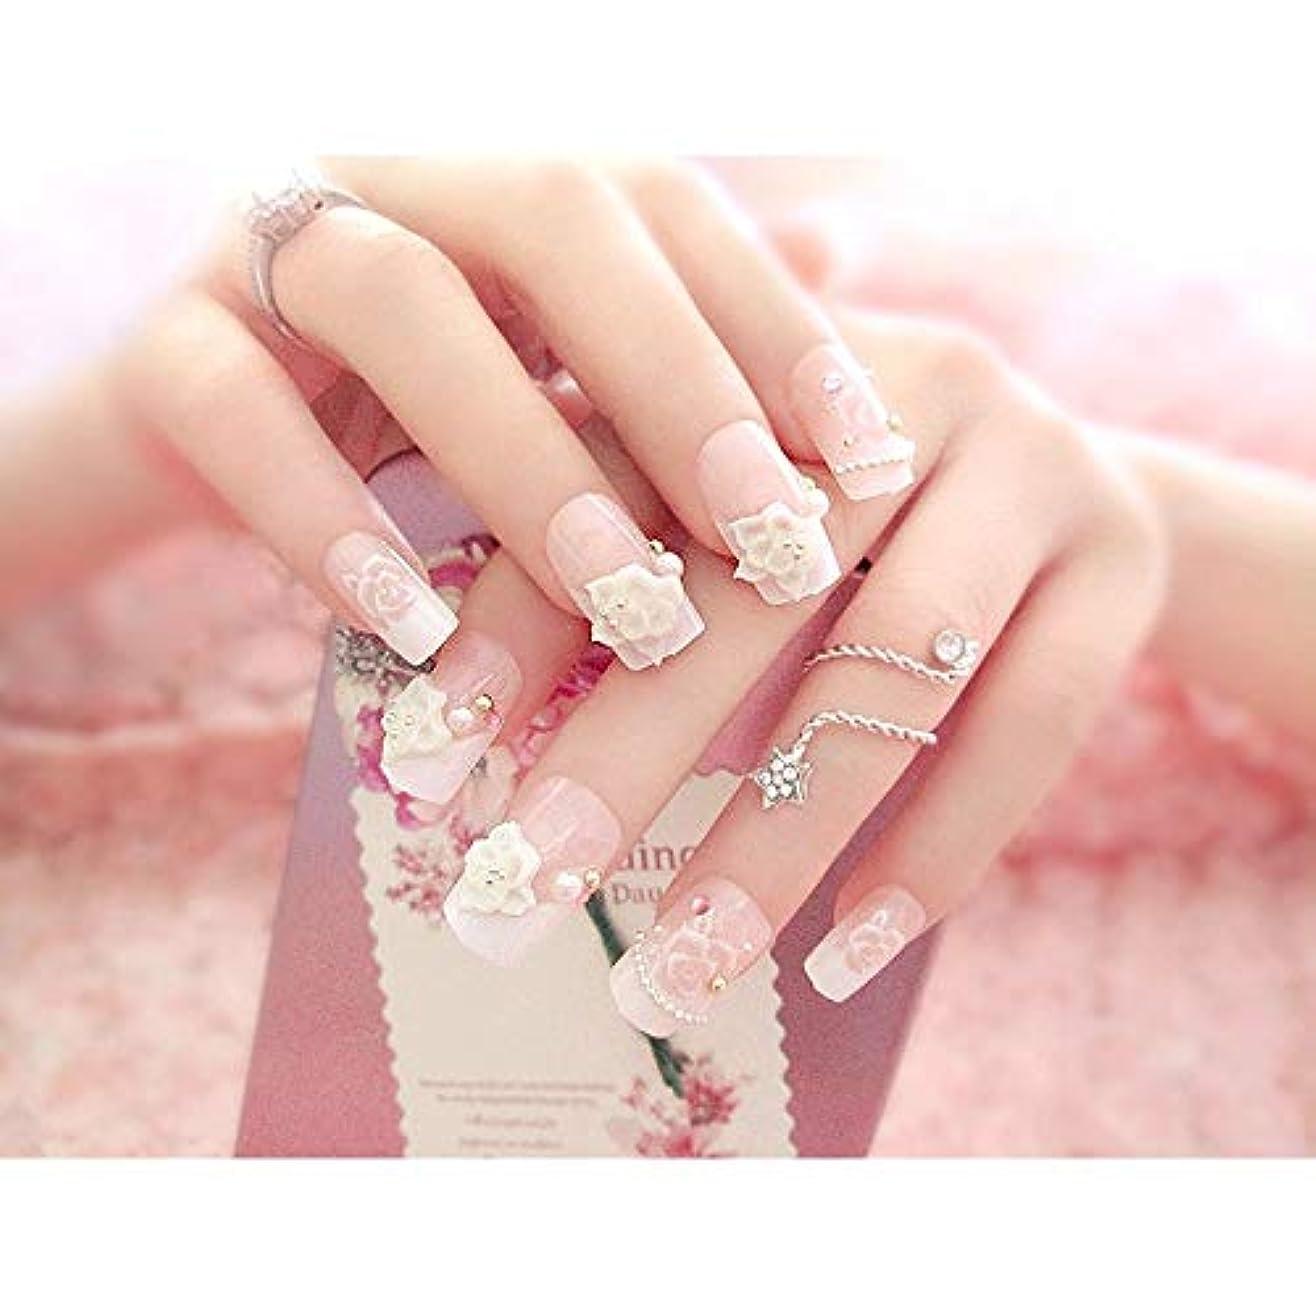 キリマンジャロ楽しませる洗練BOBIDYEE ホワイト+ピンクは、偽の釘24ピース箱入りフェイクネイルパール花の花嫁ネイルステッカーを完成しました (色 : 24 pieces)